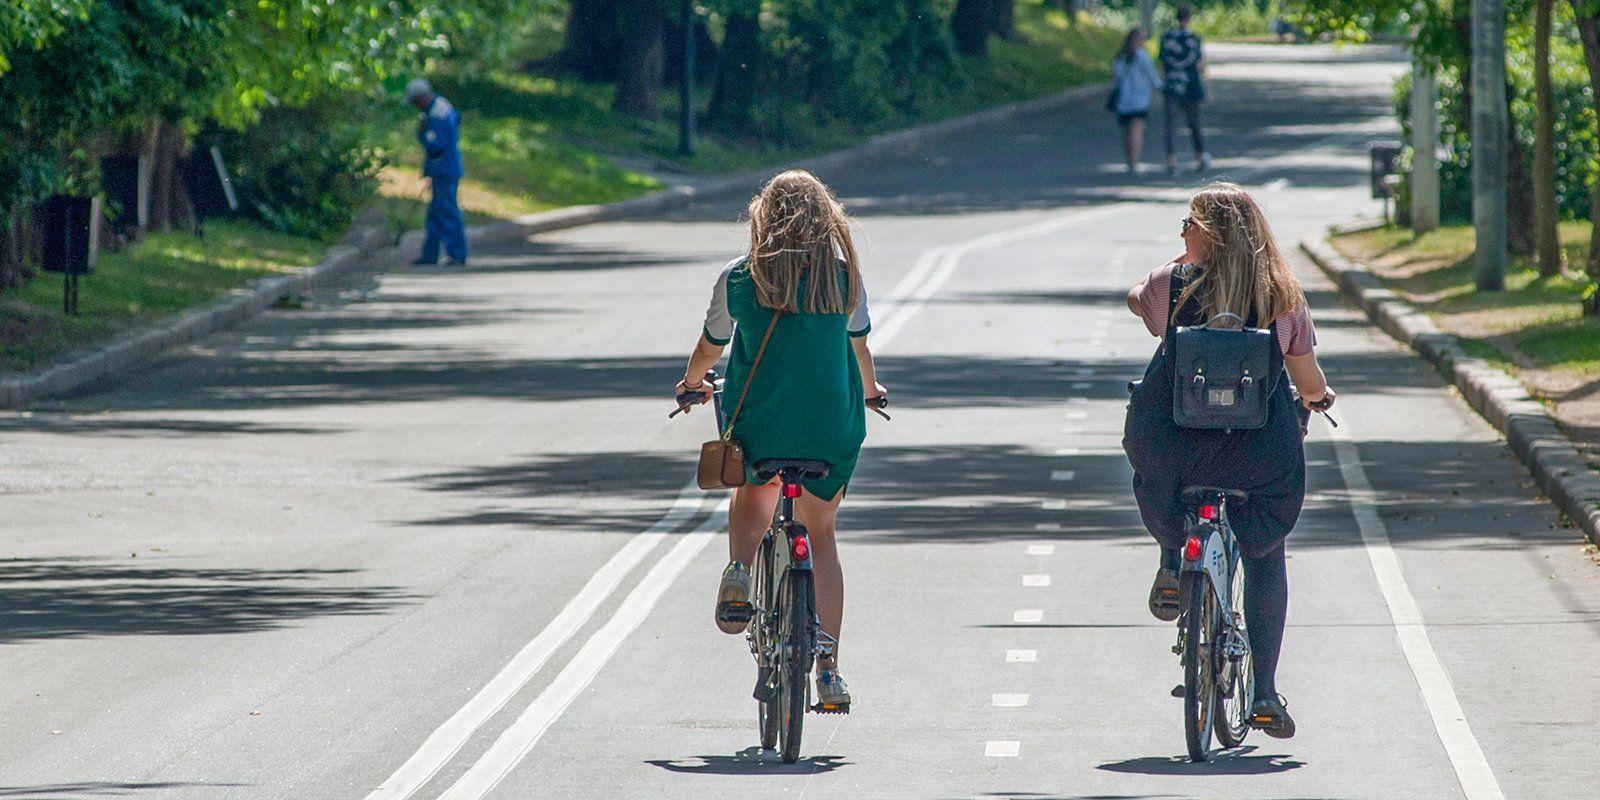 Около 26 километров велодорожек проложили в Новой Москве